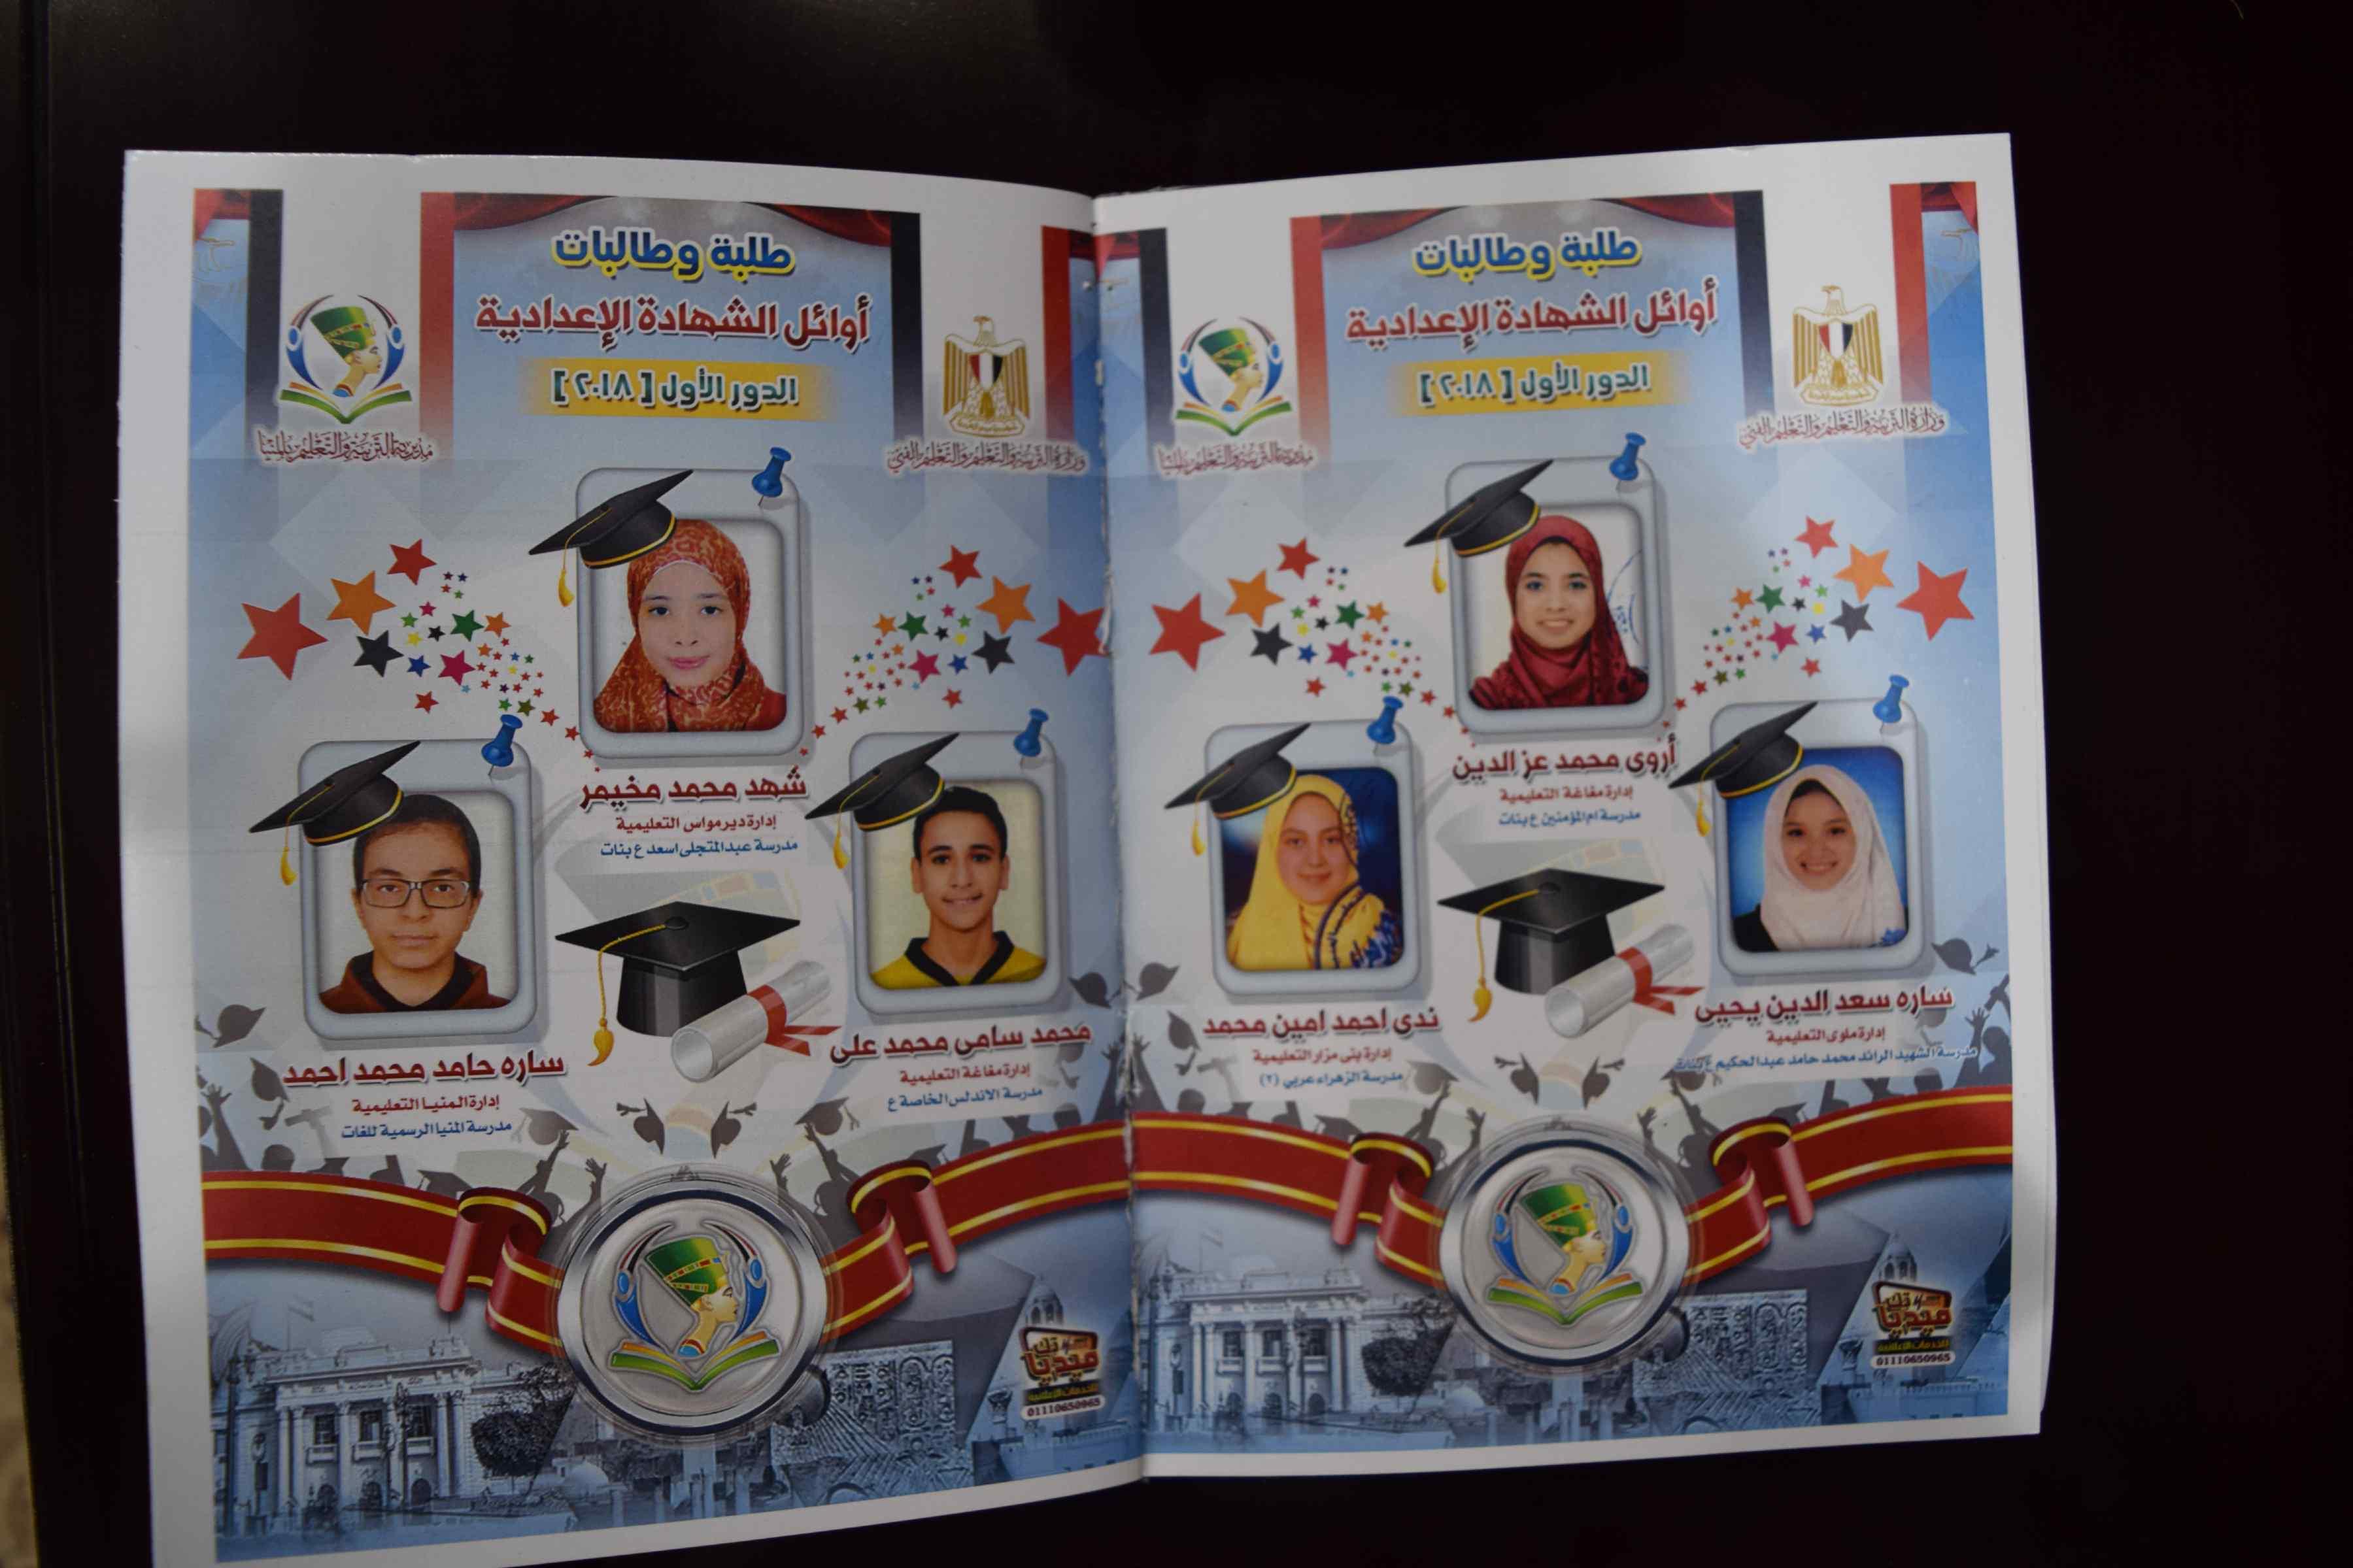 نتيجة الشهادة الابتدائية والإعدادية محافظة المنيا 2019 برقم الجلوس 2